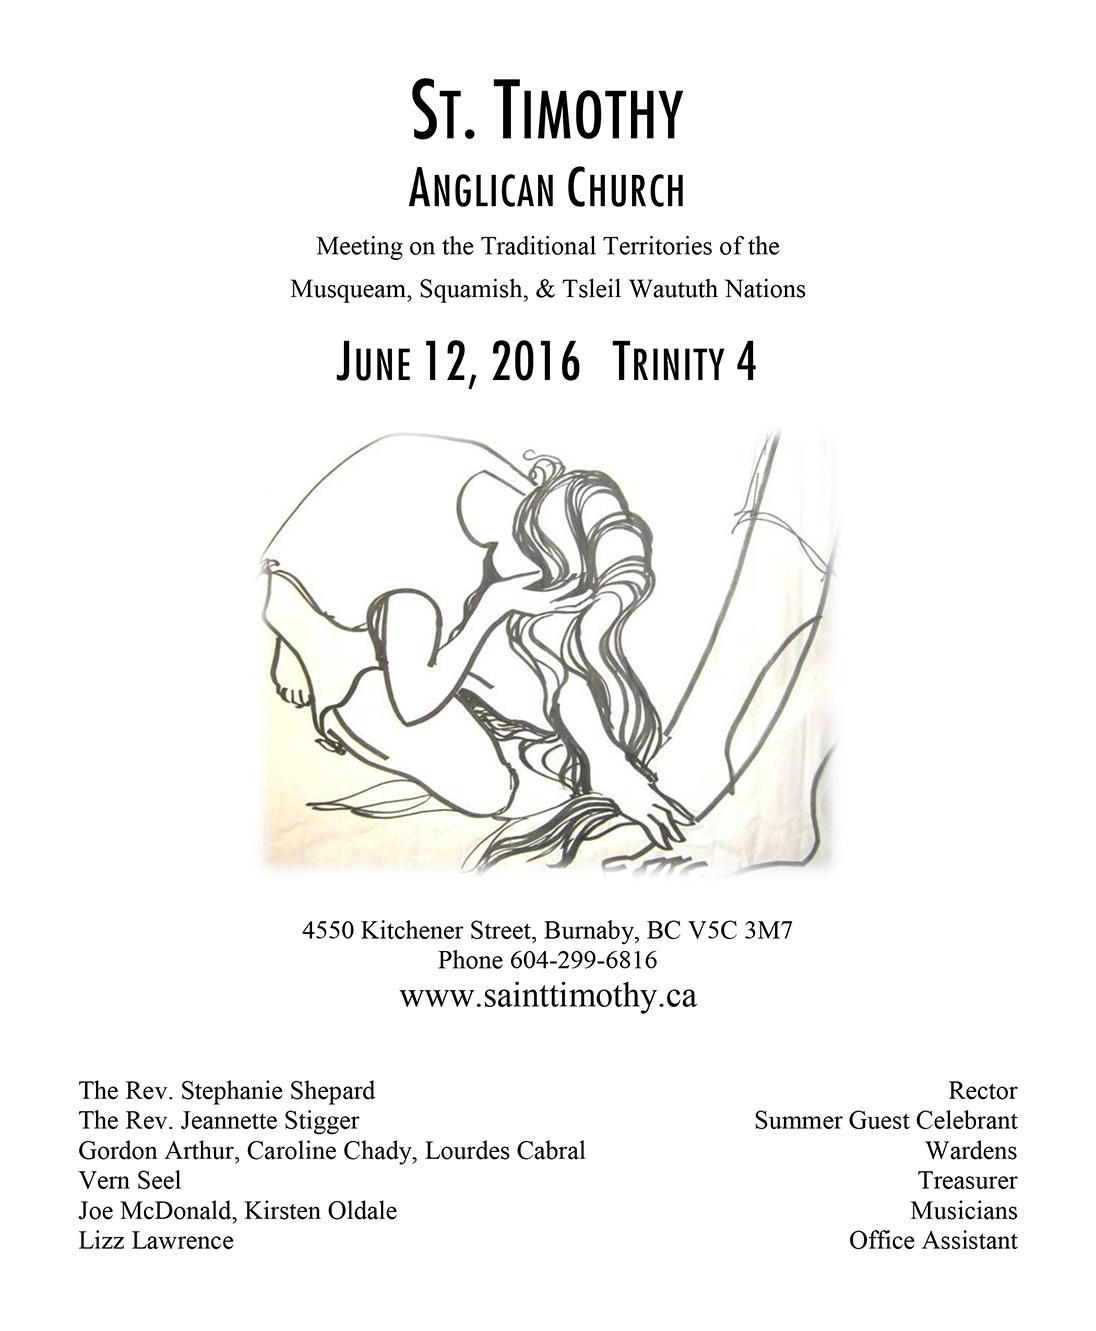 Bulletin: June 12, 2016